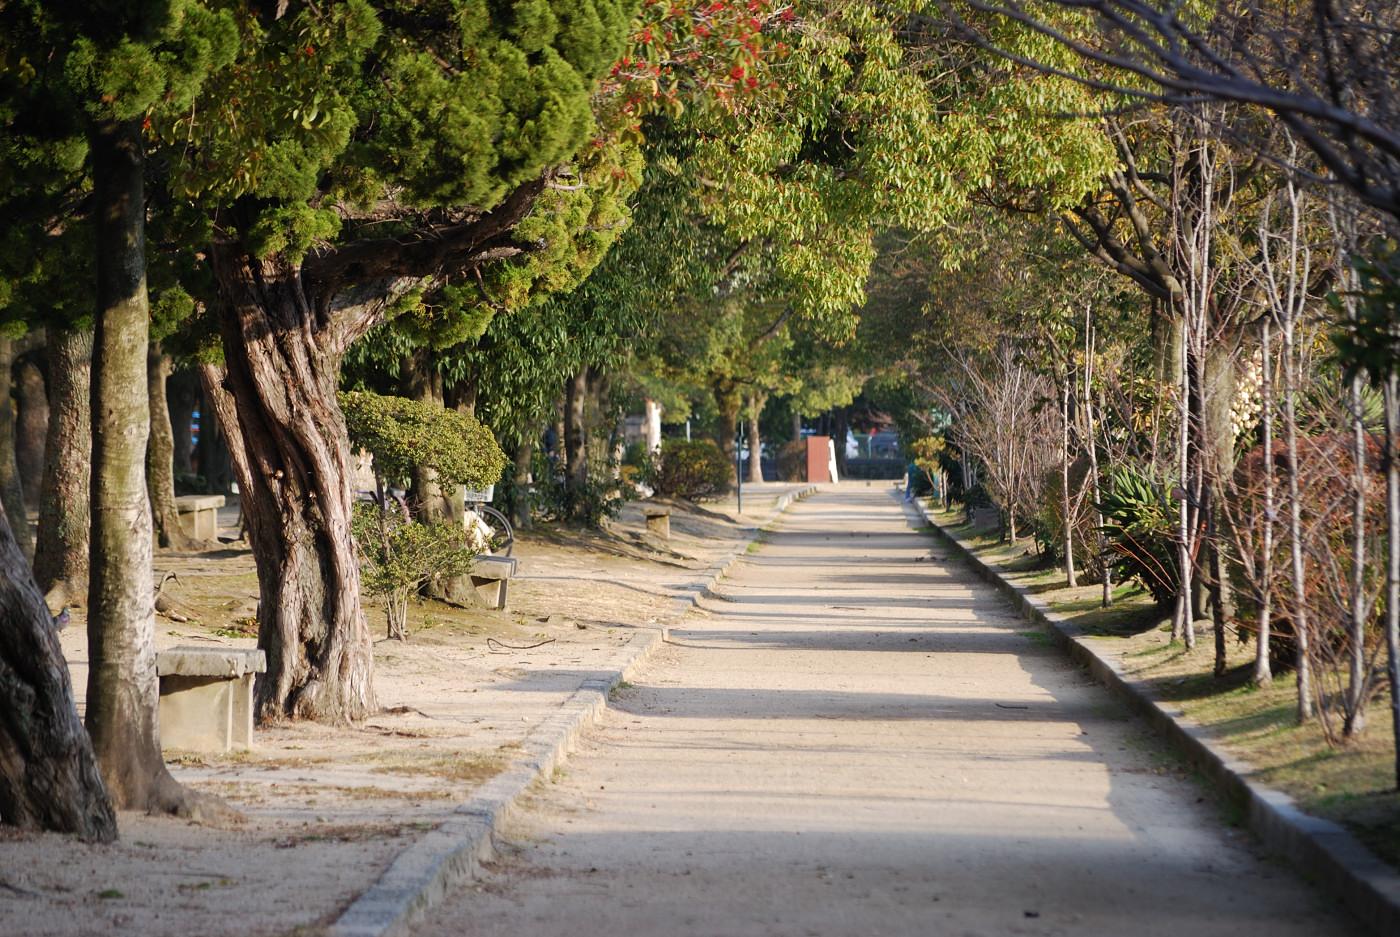 広島城の堀の外側の公園のような道